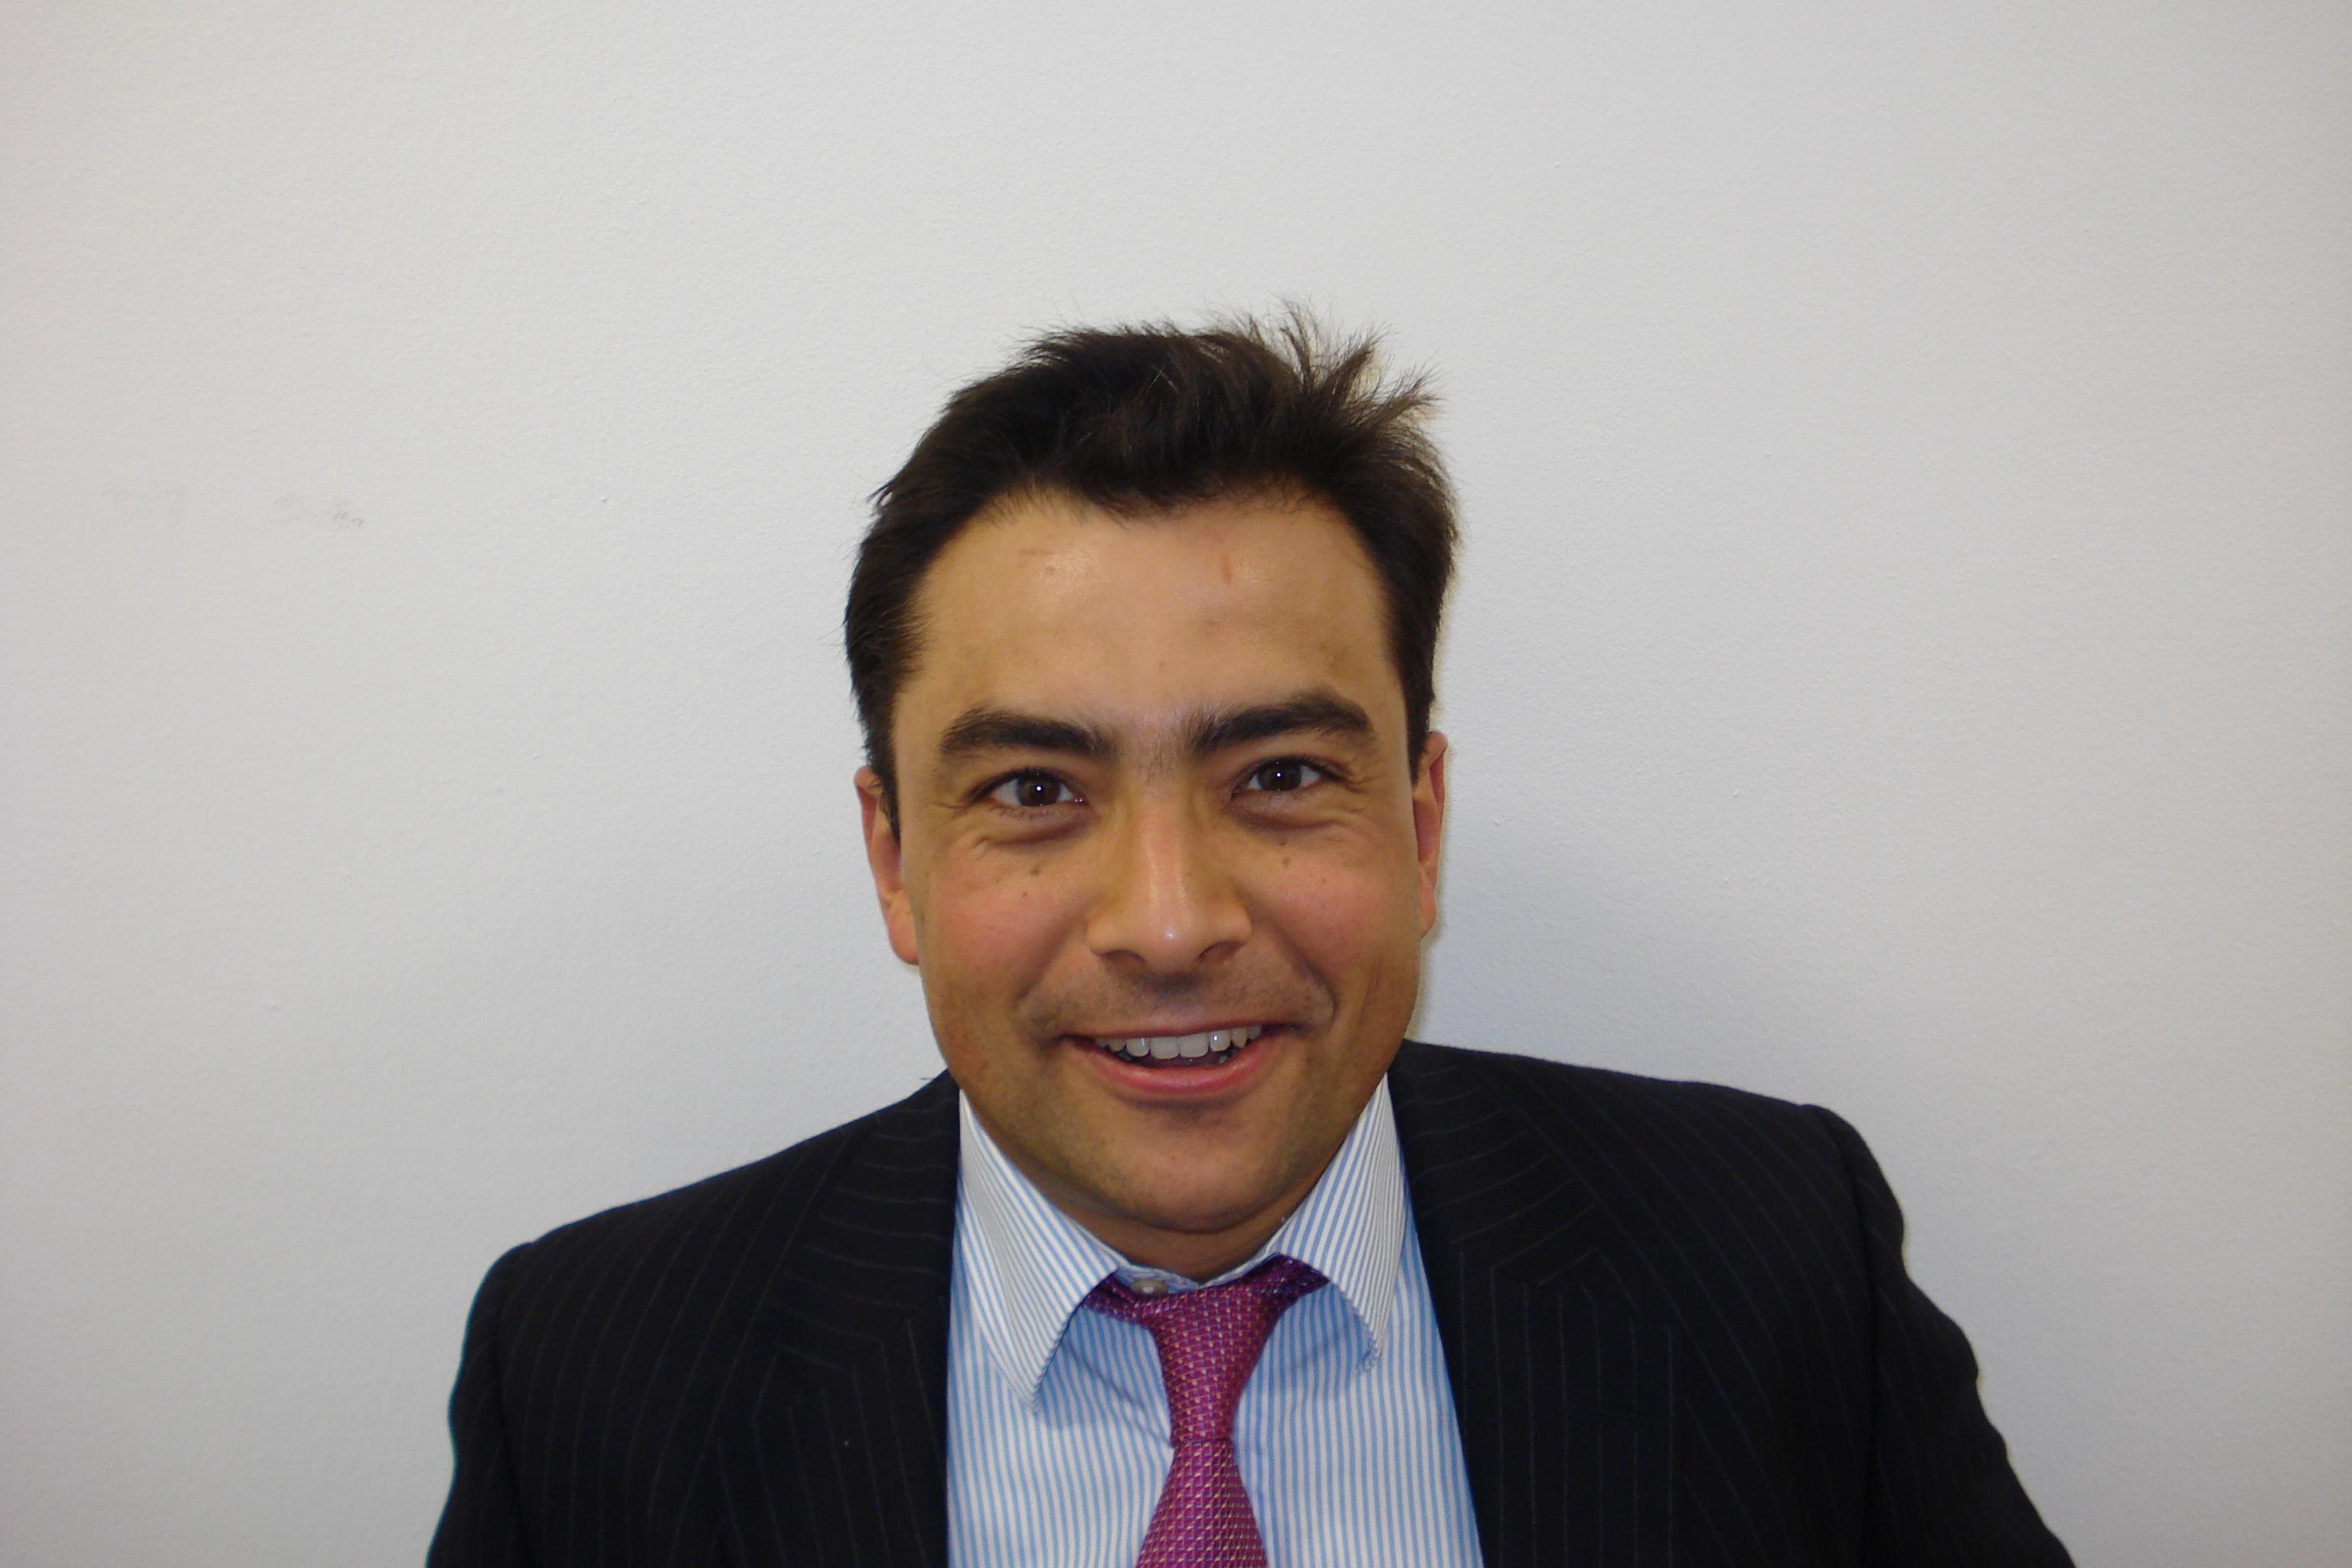 Un esperto delle TLC alla guida di Easynet UK